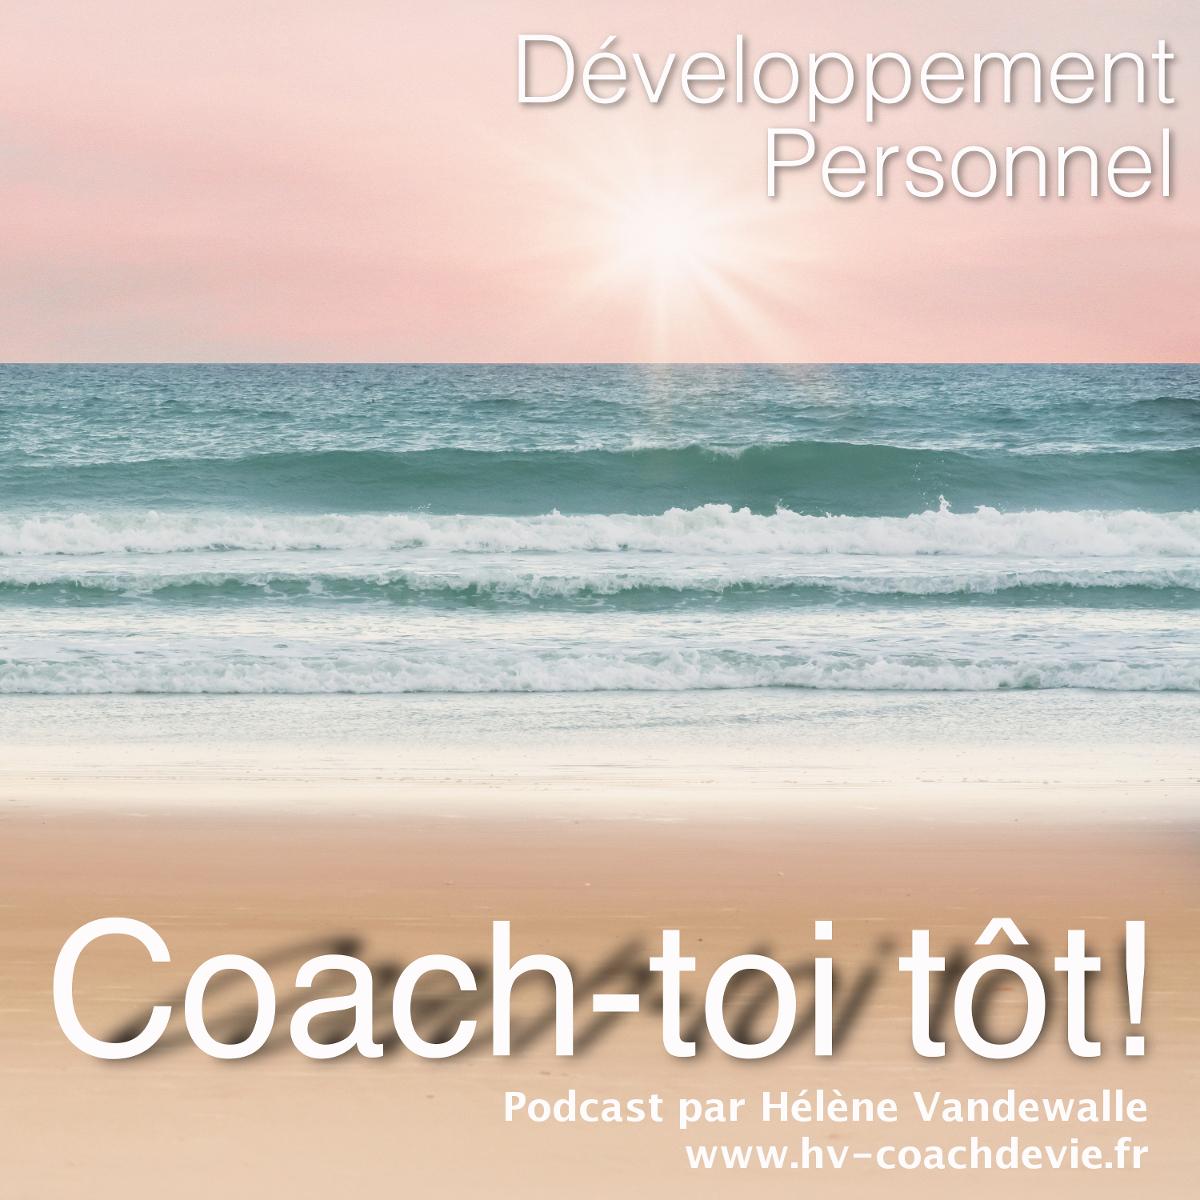 Coach-toi tôt : le Podcast de développement personnel par Hélène Vandewalle